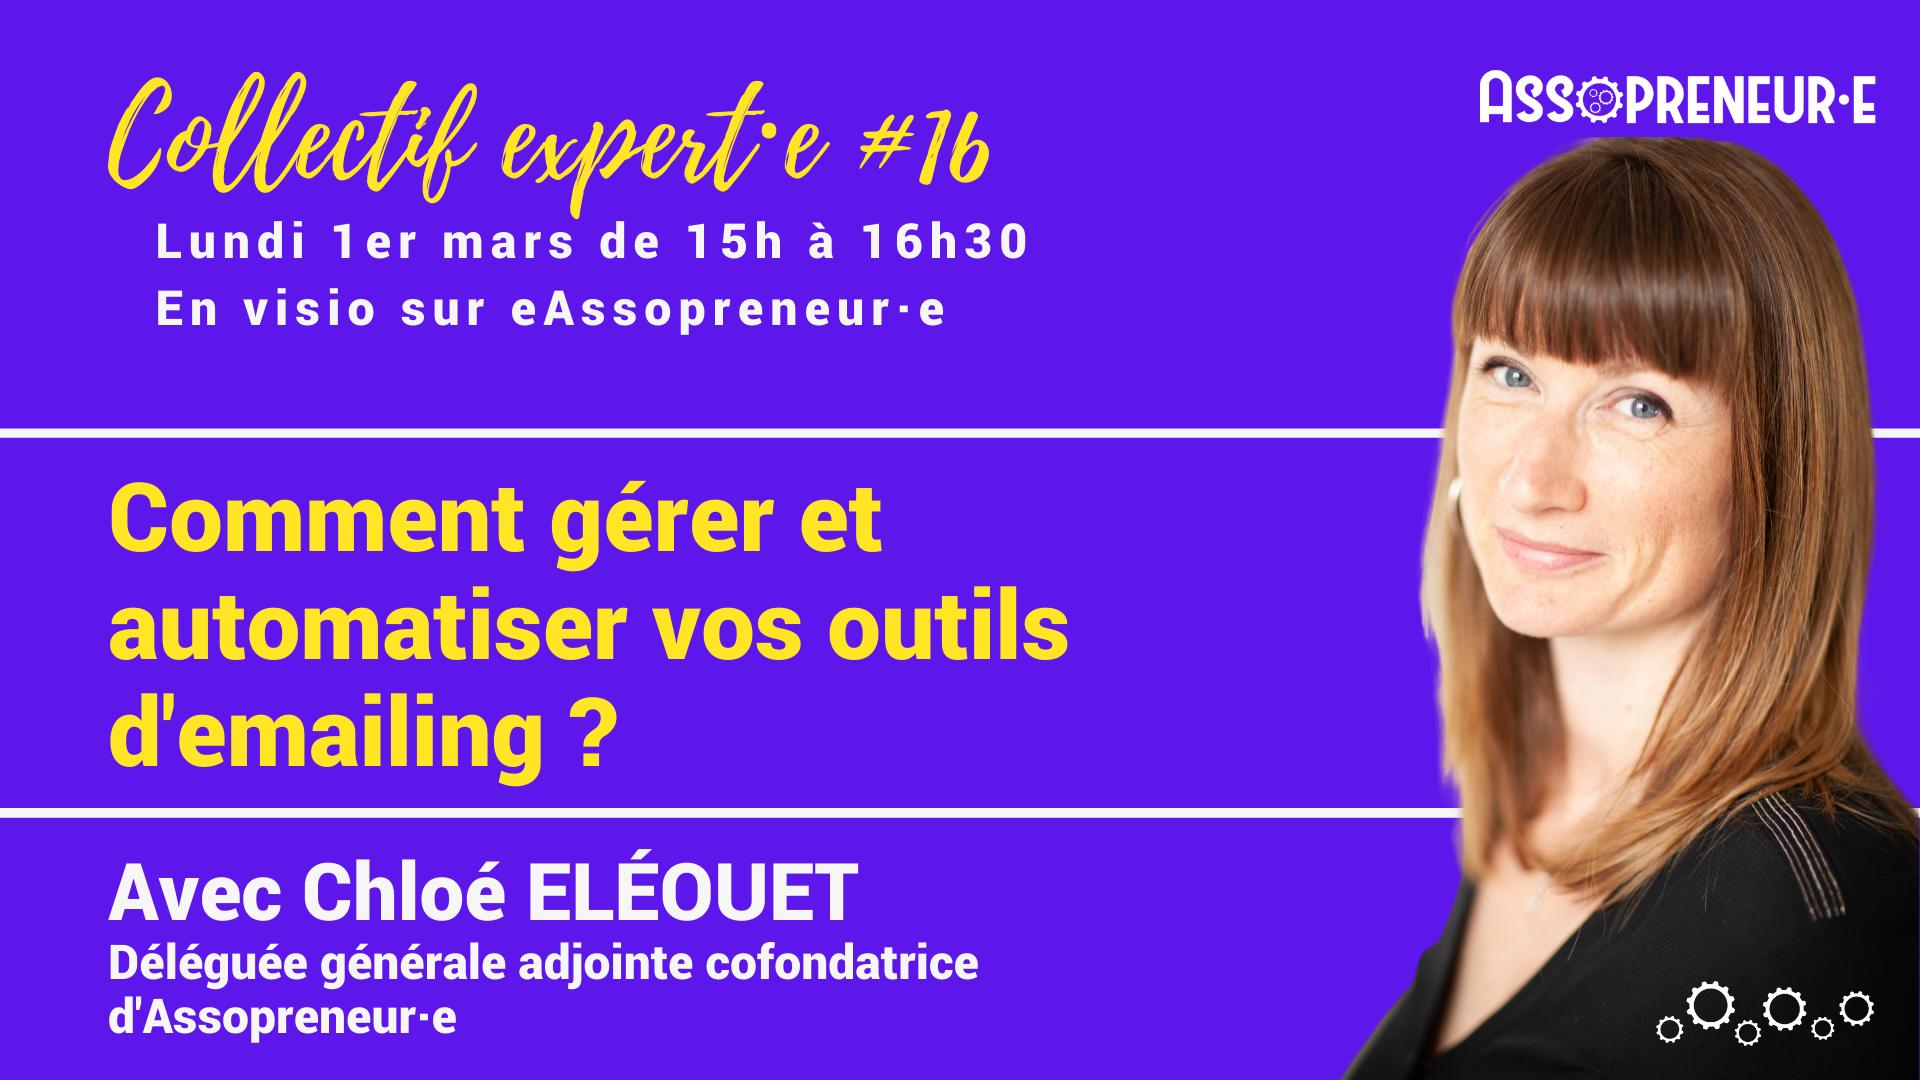 Collectif expert 16 emailing assopreneur Chloe Eleouet